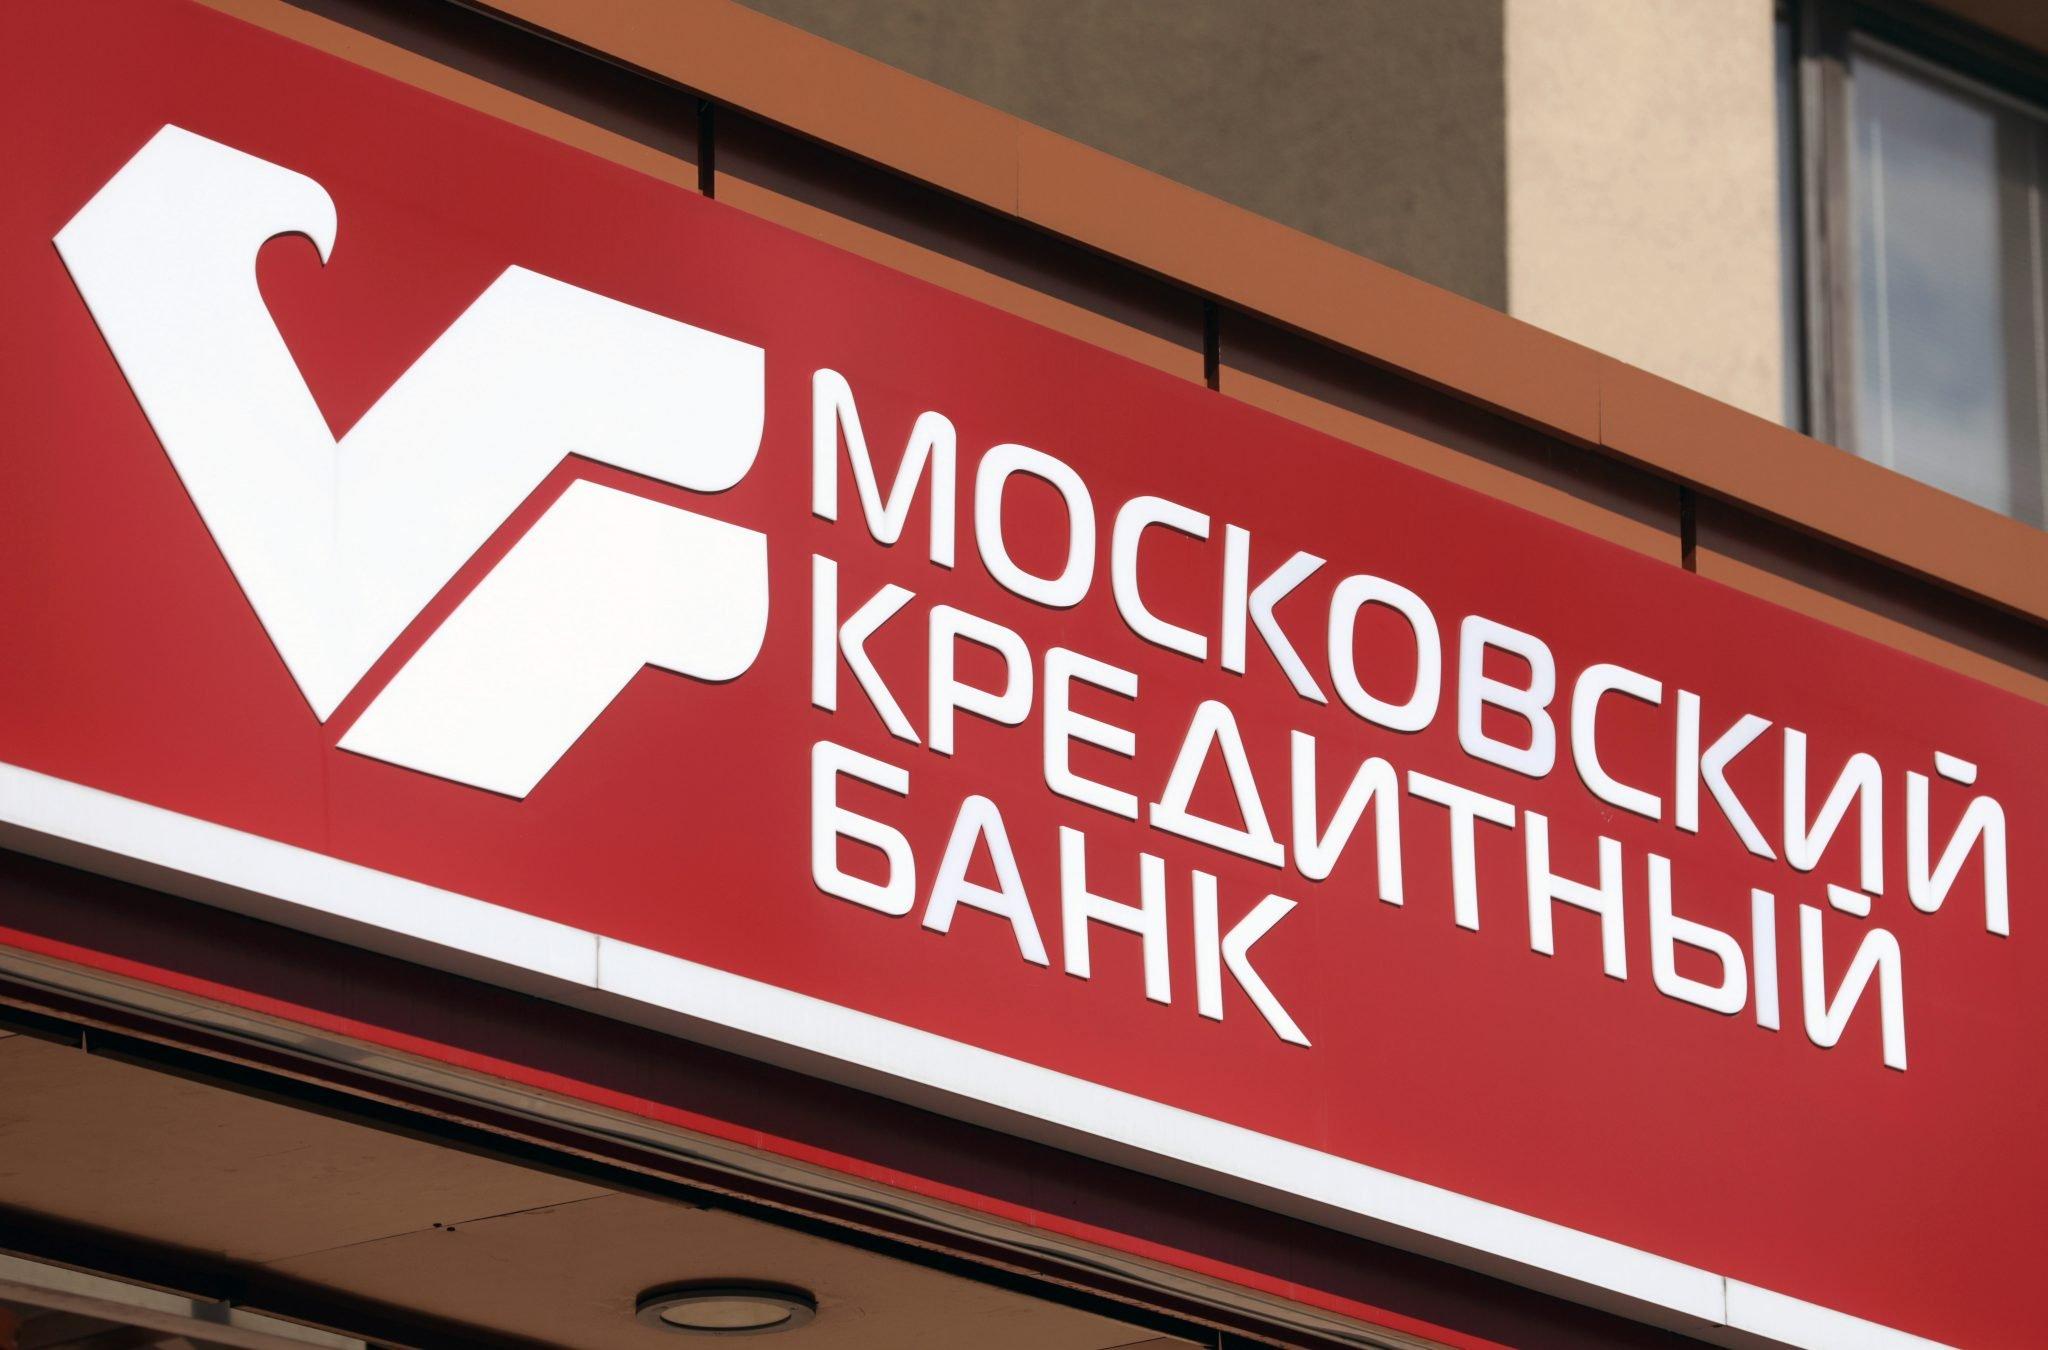 МКБ занял первое место в рэнкинге организаторов облигаций реального сектора Cbonds по итогам 9 месяцев